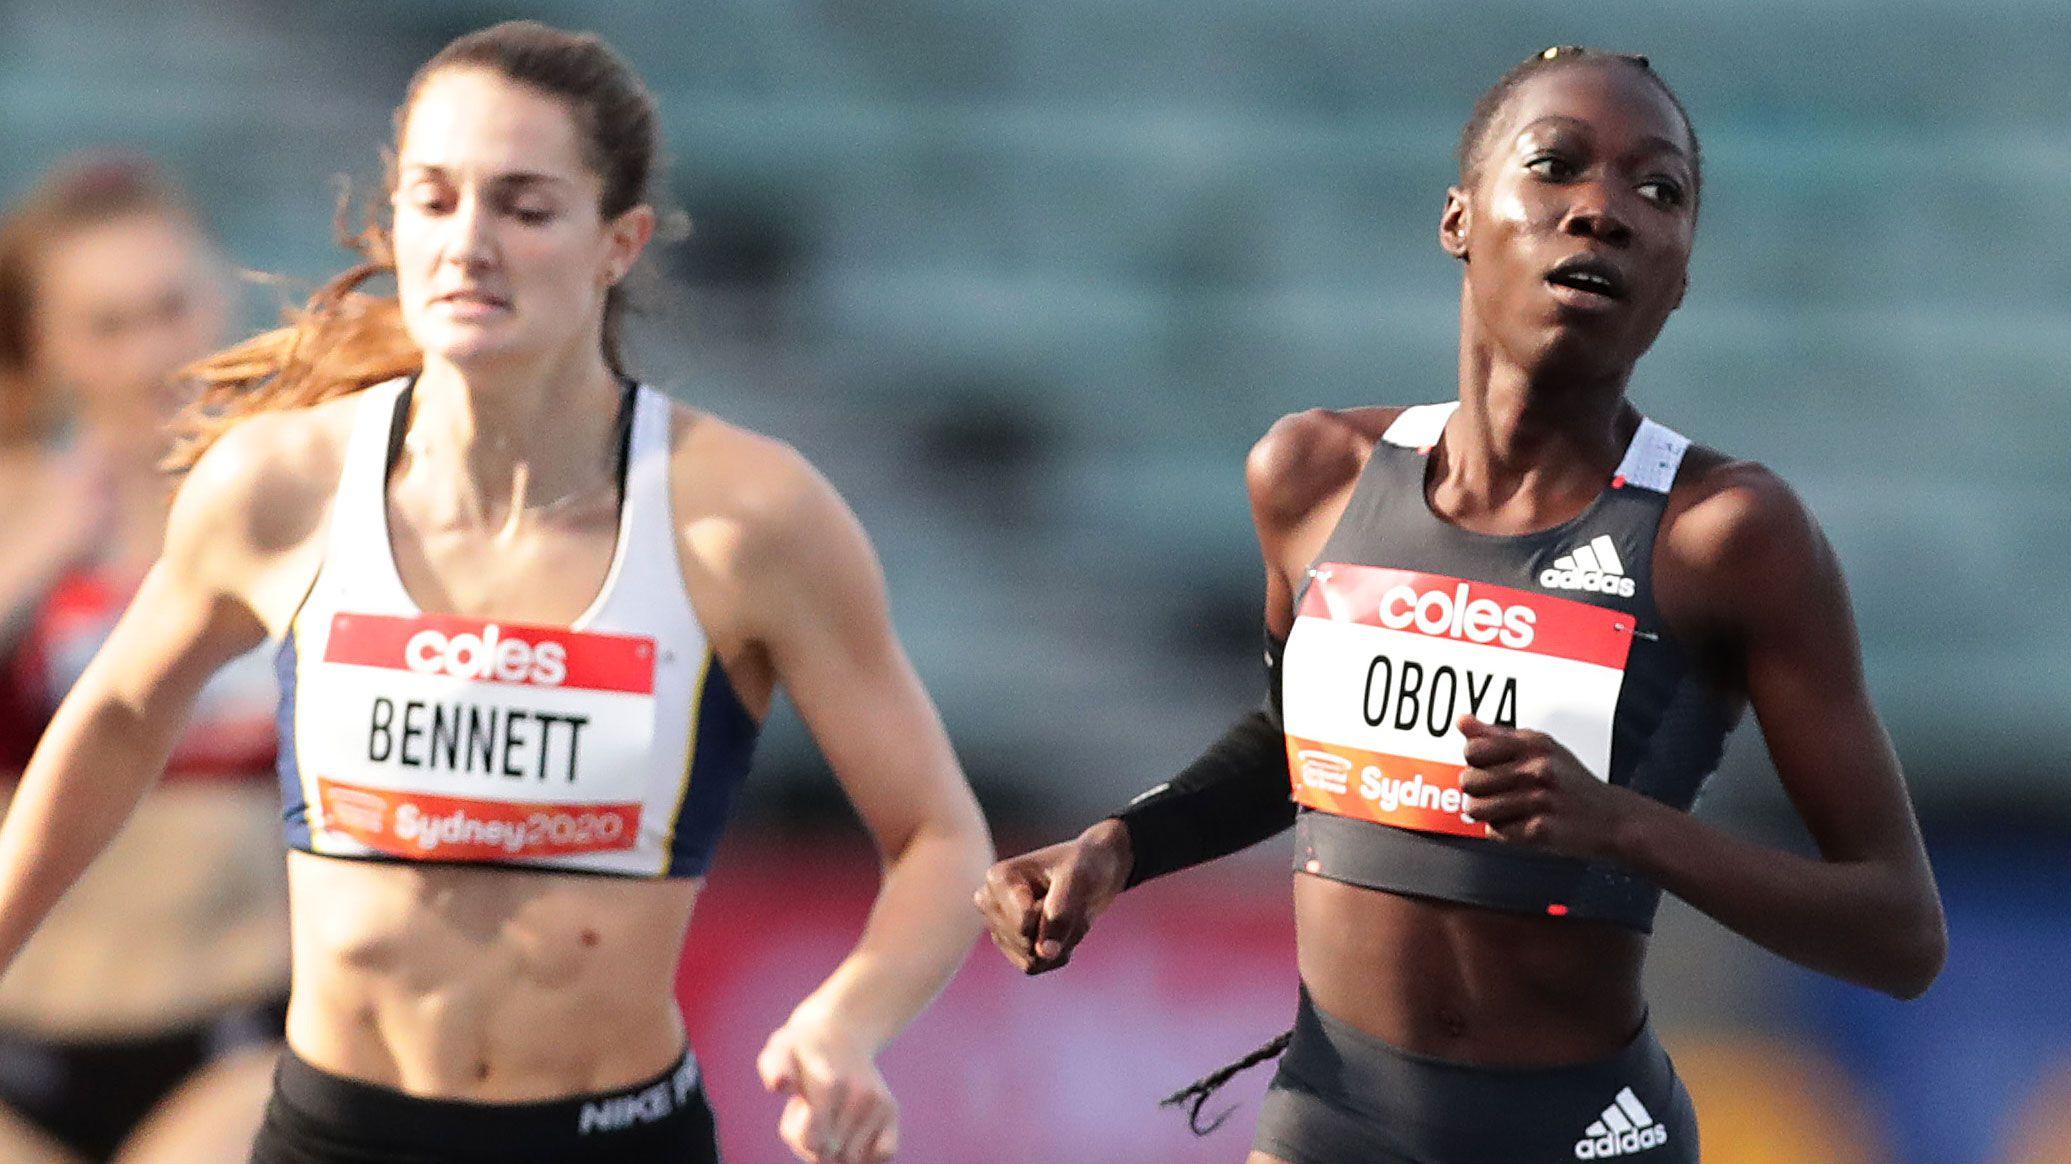 Australia's new track golden girl Bendere Oboya blitzes field in stunning 400m time